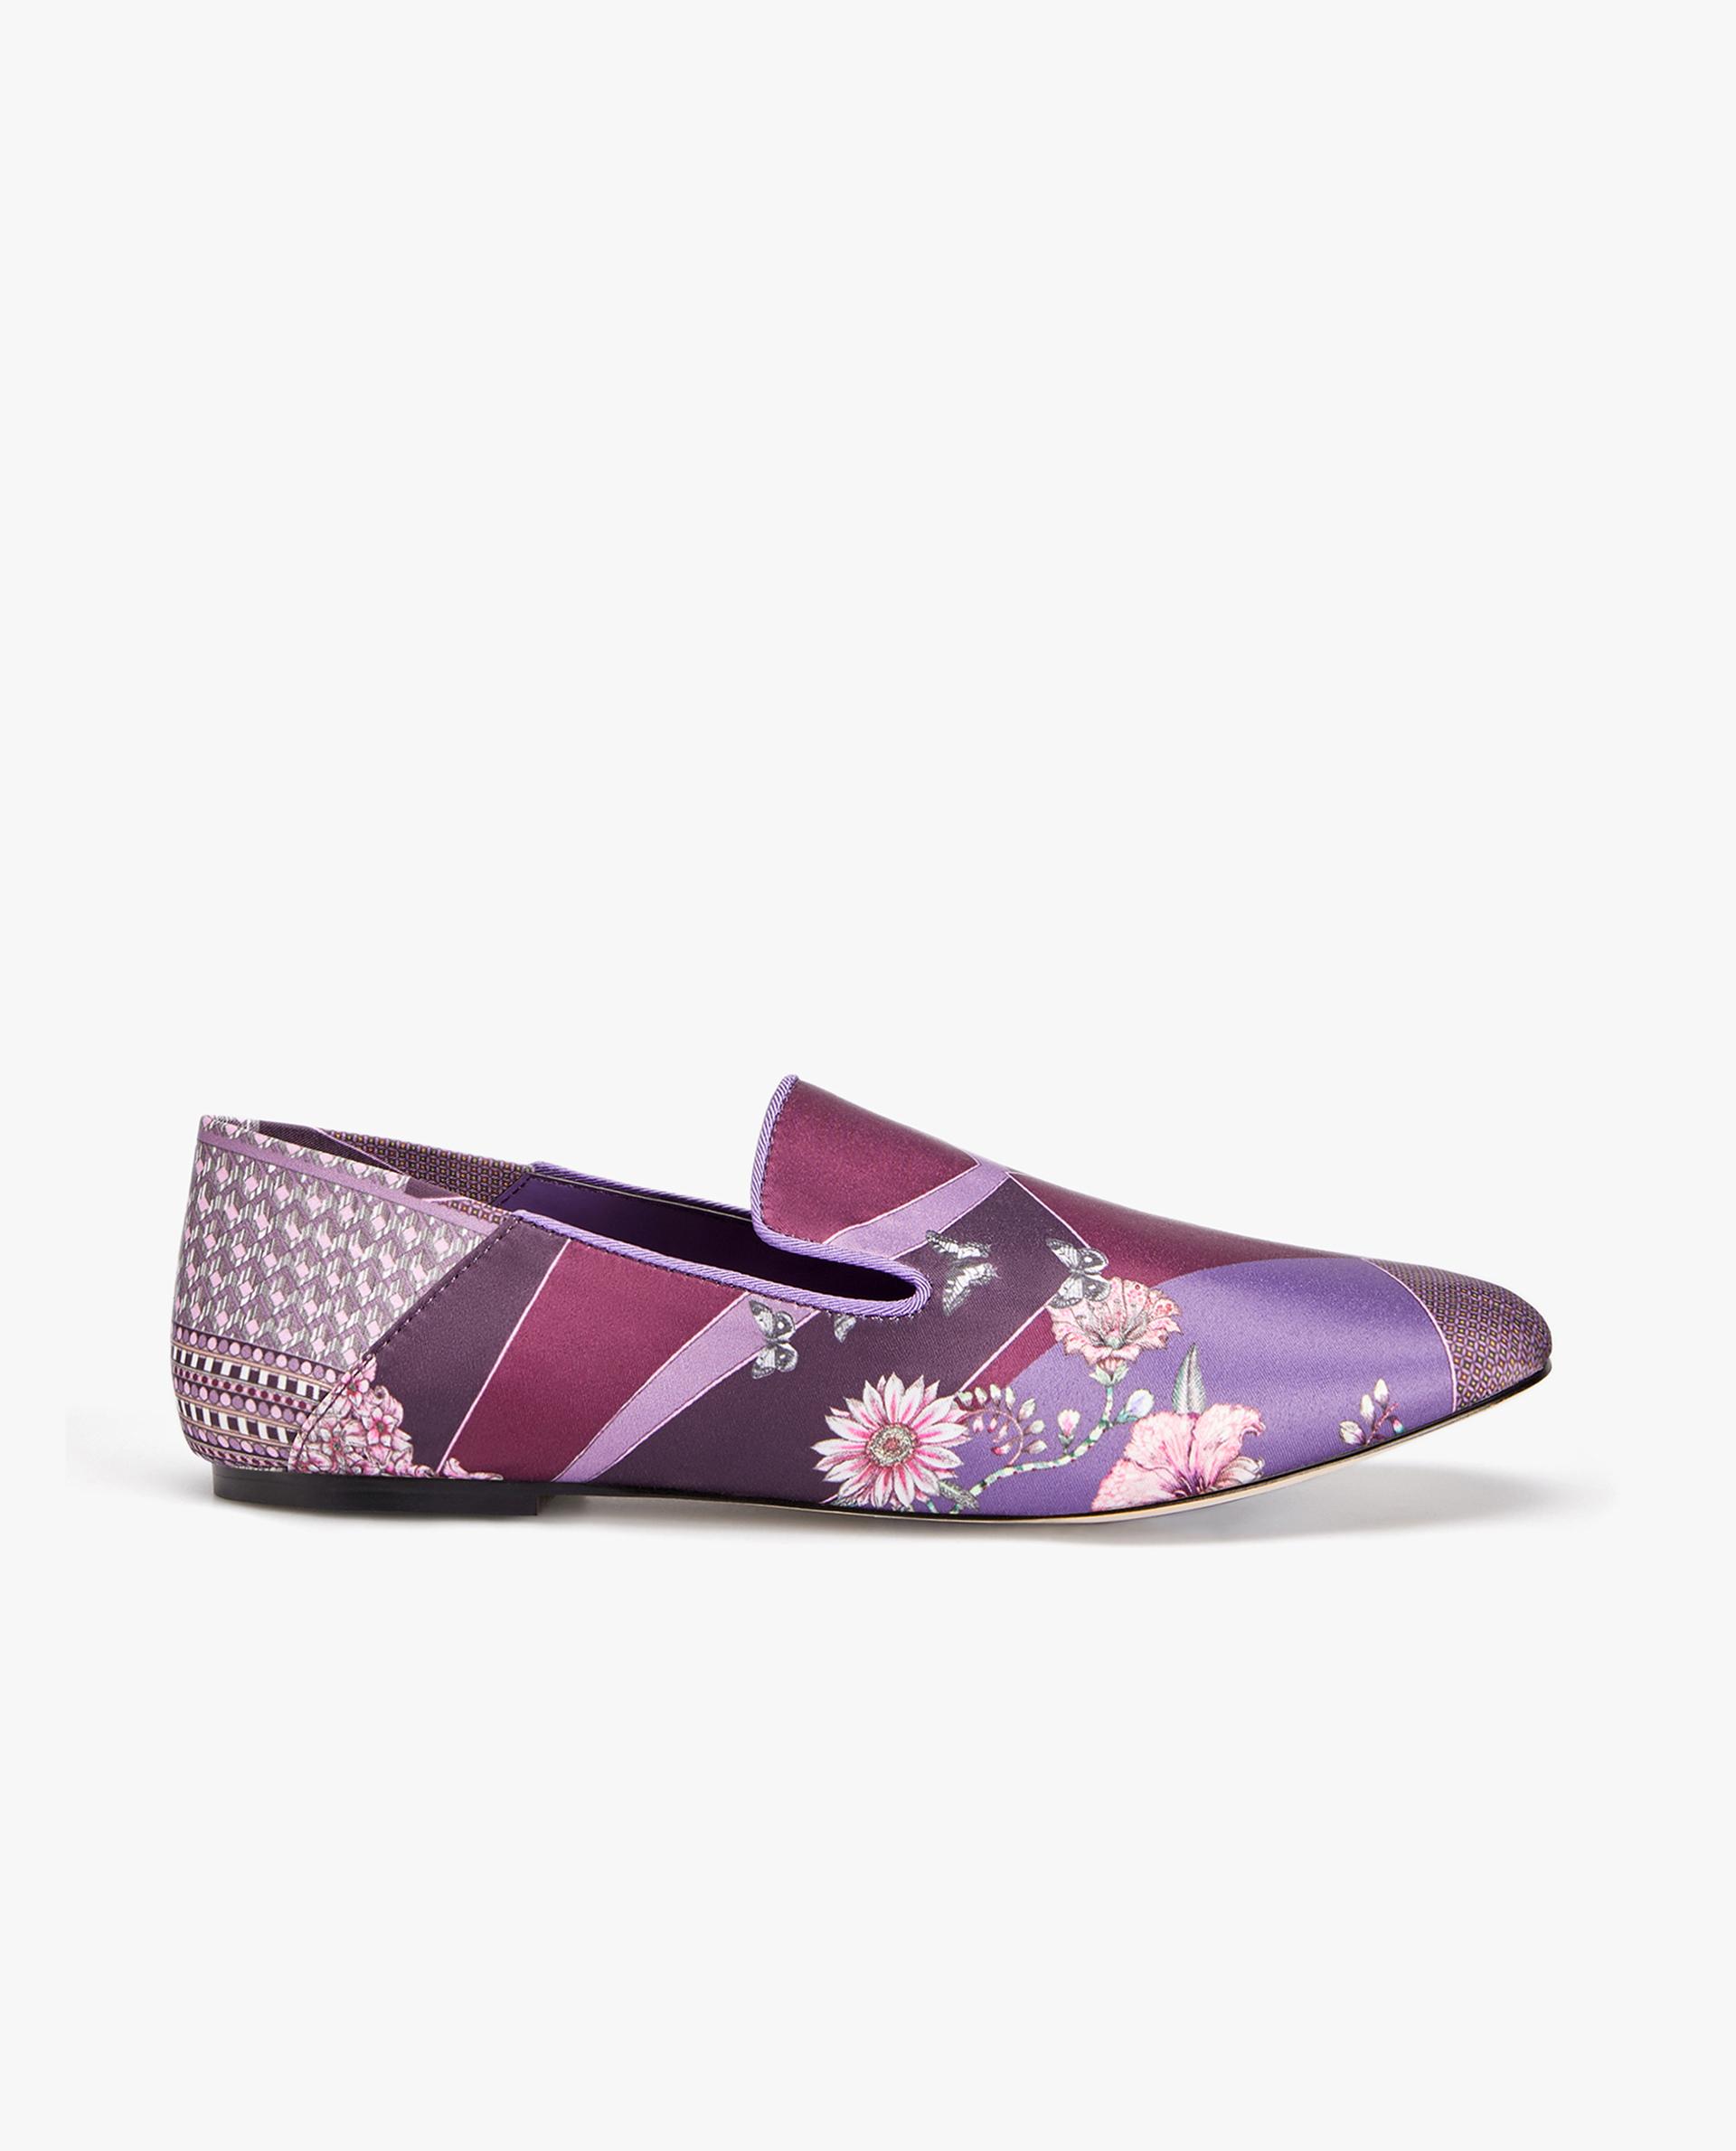 Print Mit Und Damen Slipper Schuhe Kleidung Nmn08w